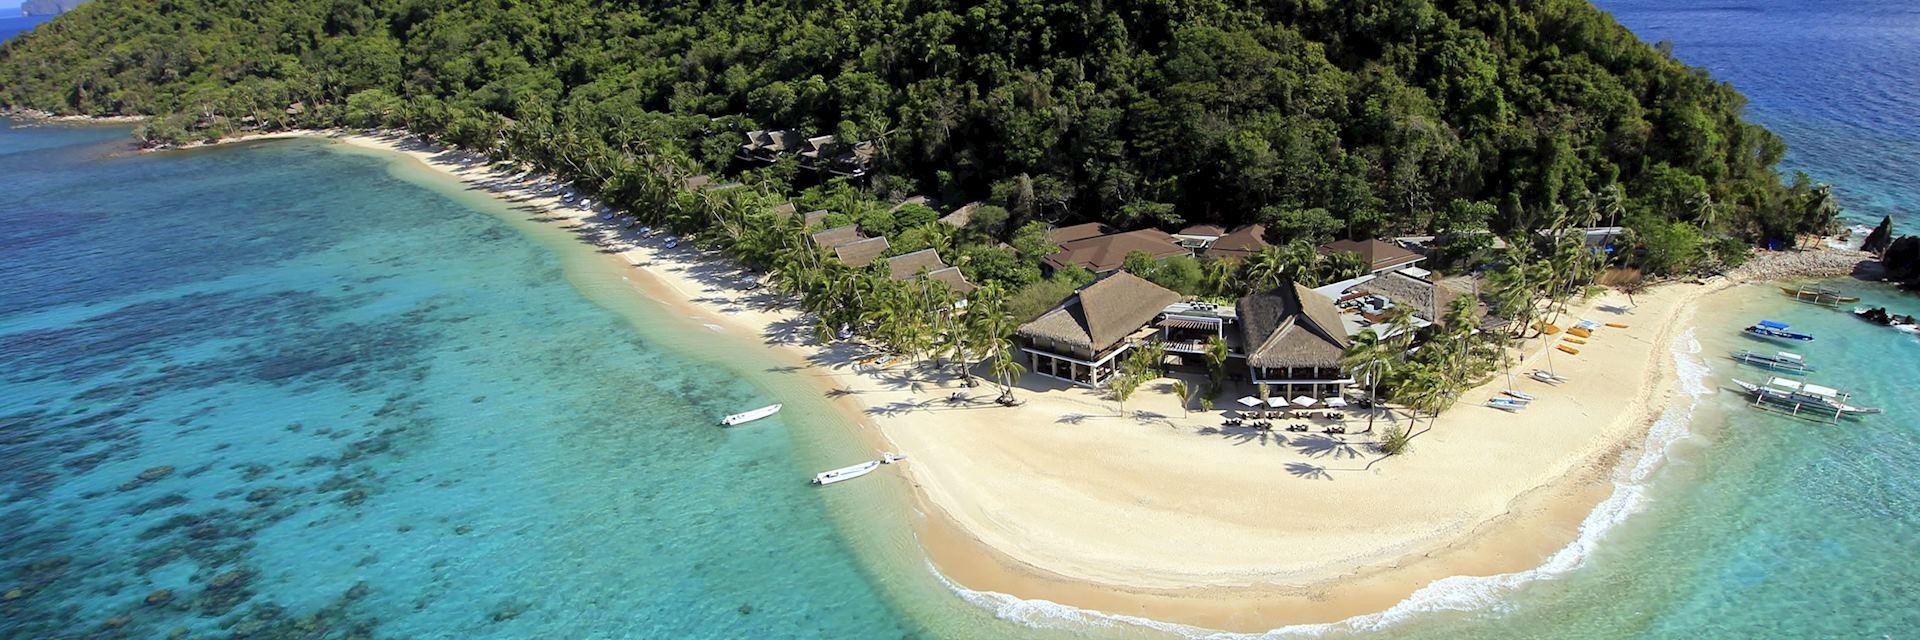 El Nido Pangulasian Island Resort